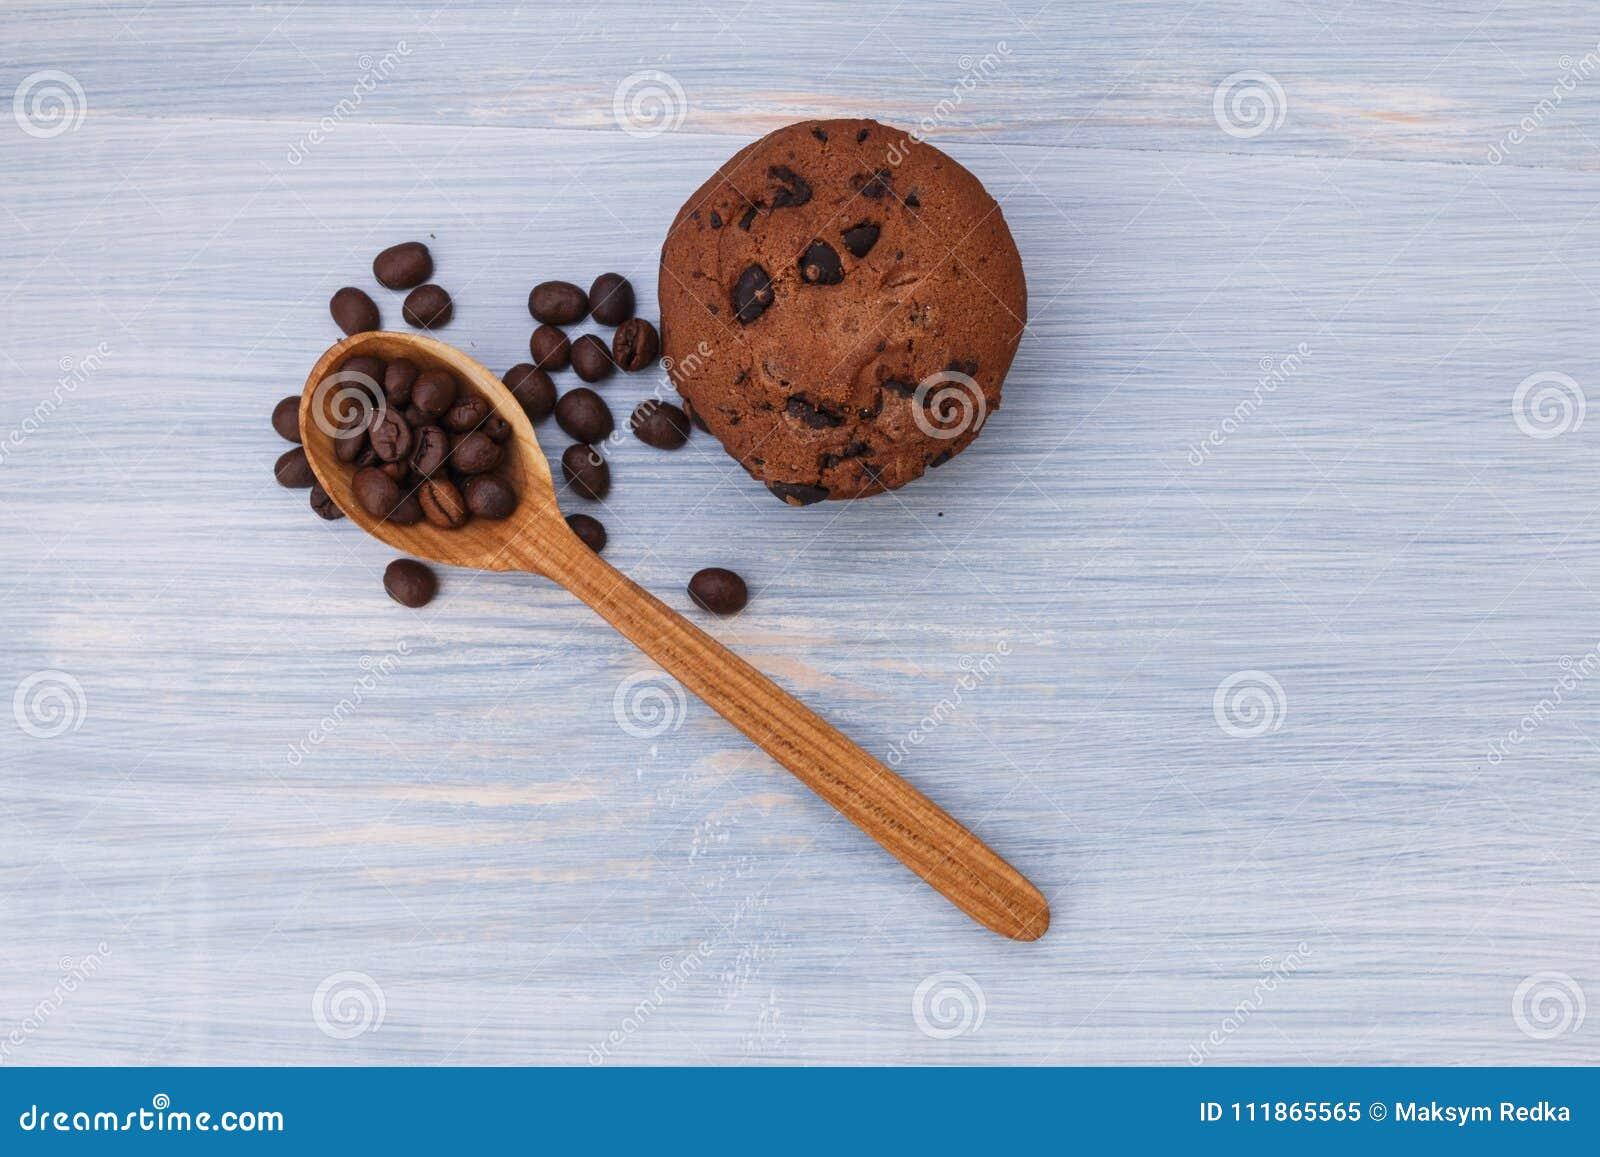 Cookies doces com chocolate no fundo azul